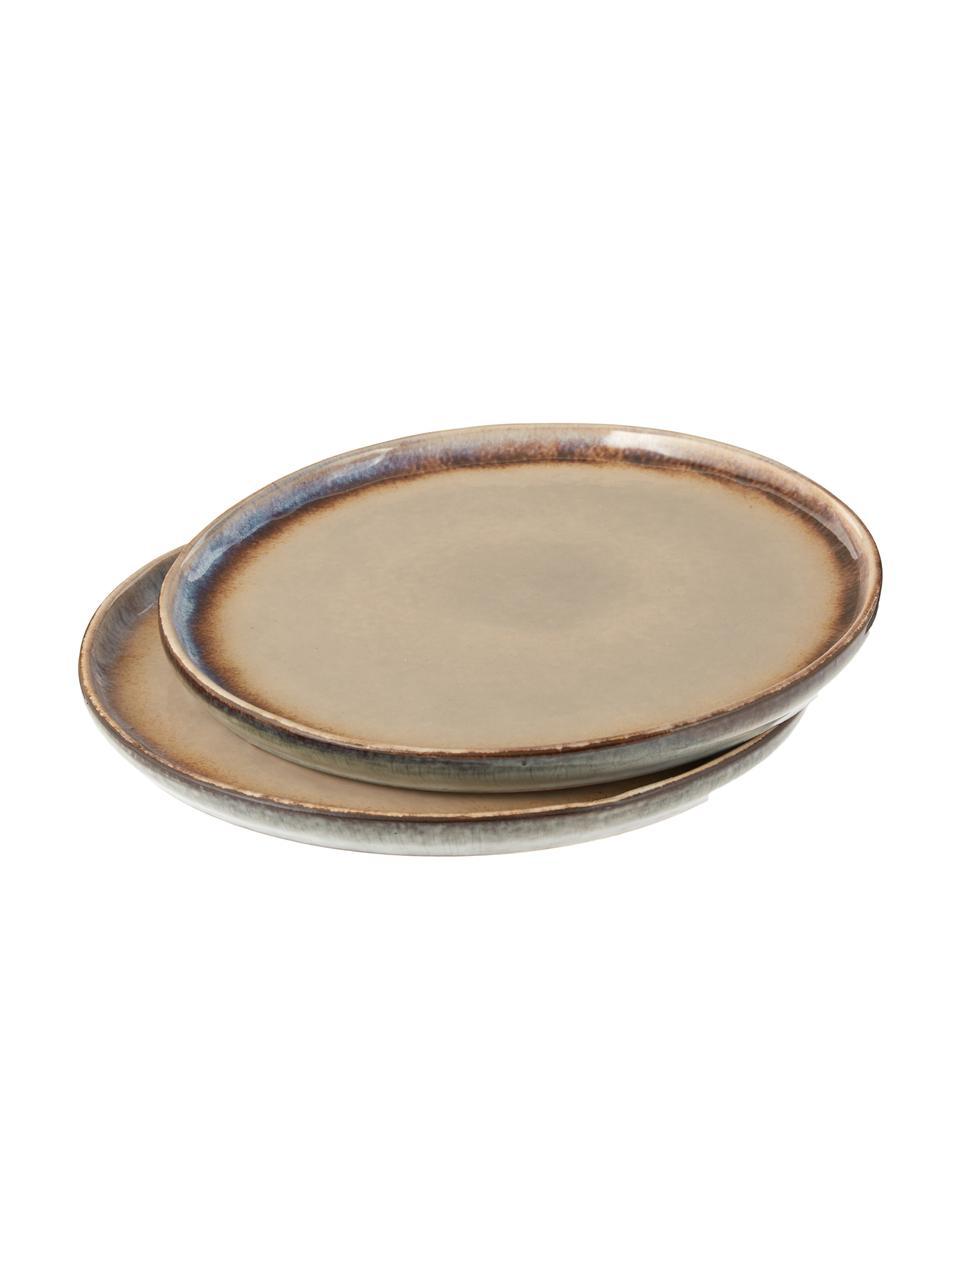 Piattino da dessert artigianale Nomimono 2 pz, Gres, Grigio, grigio, Ø 17 cm